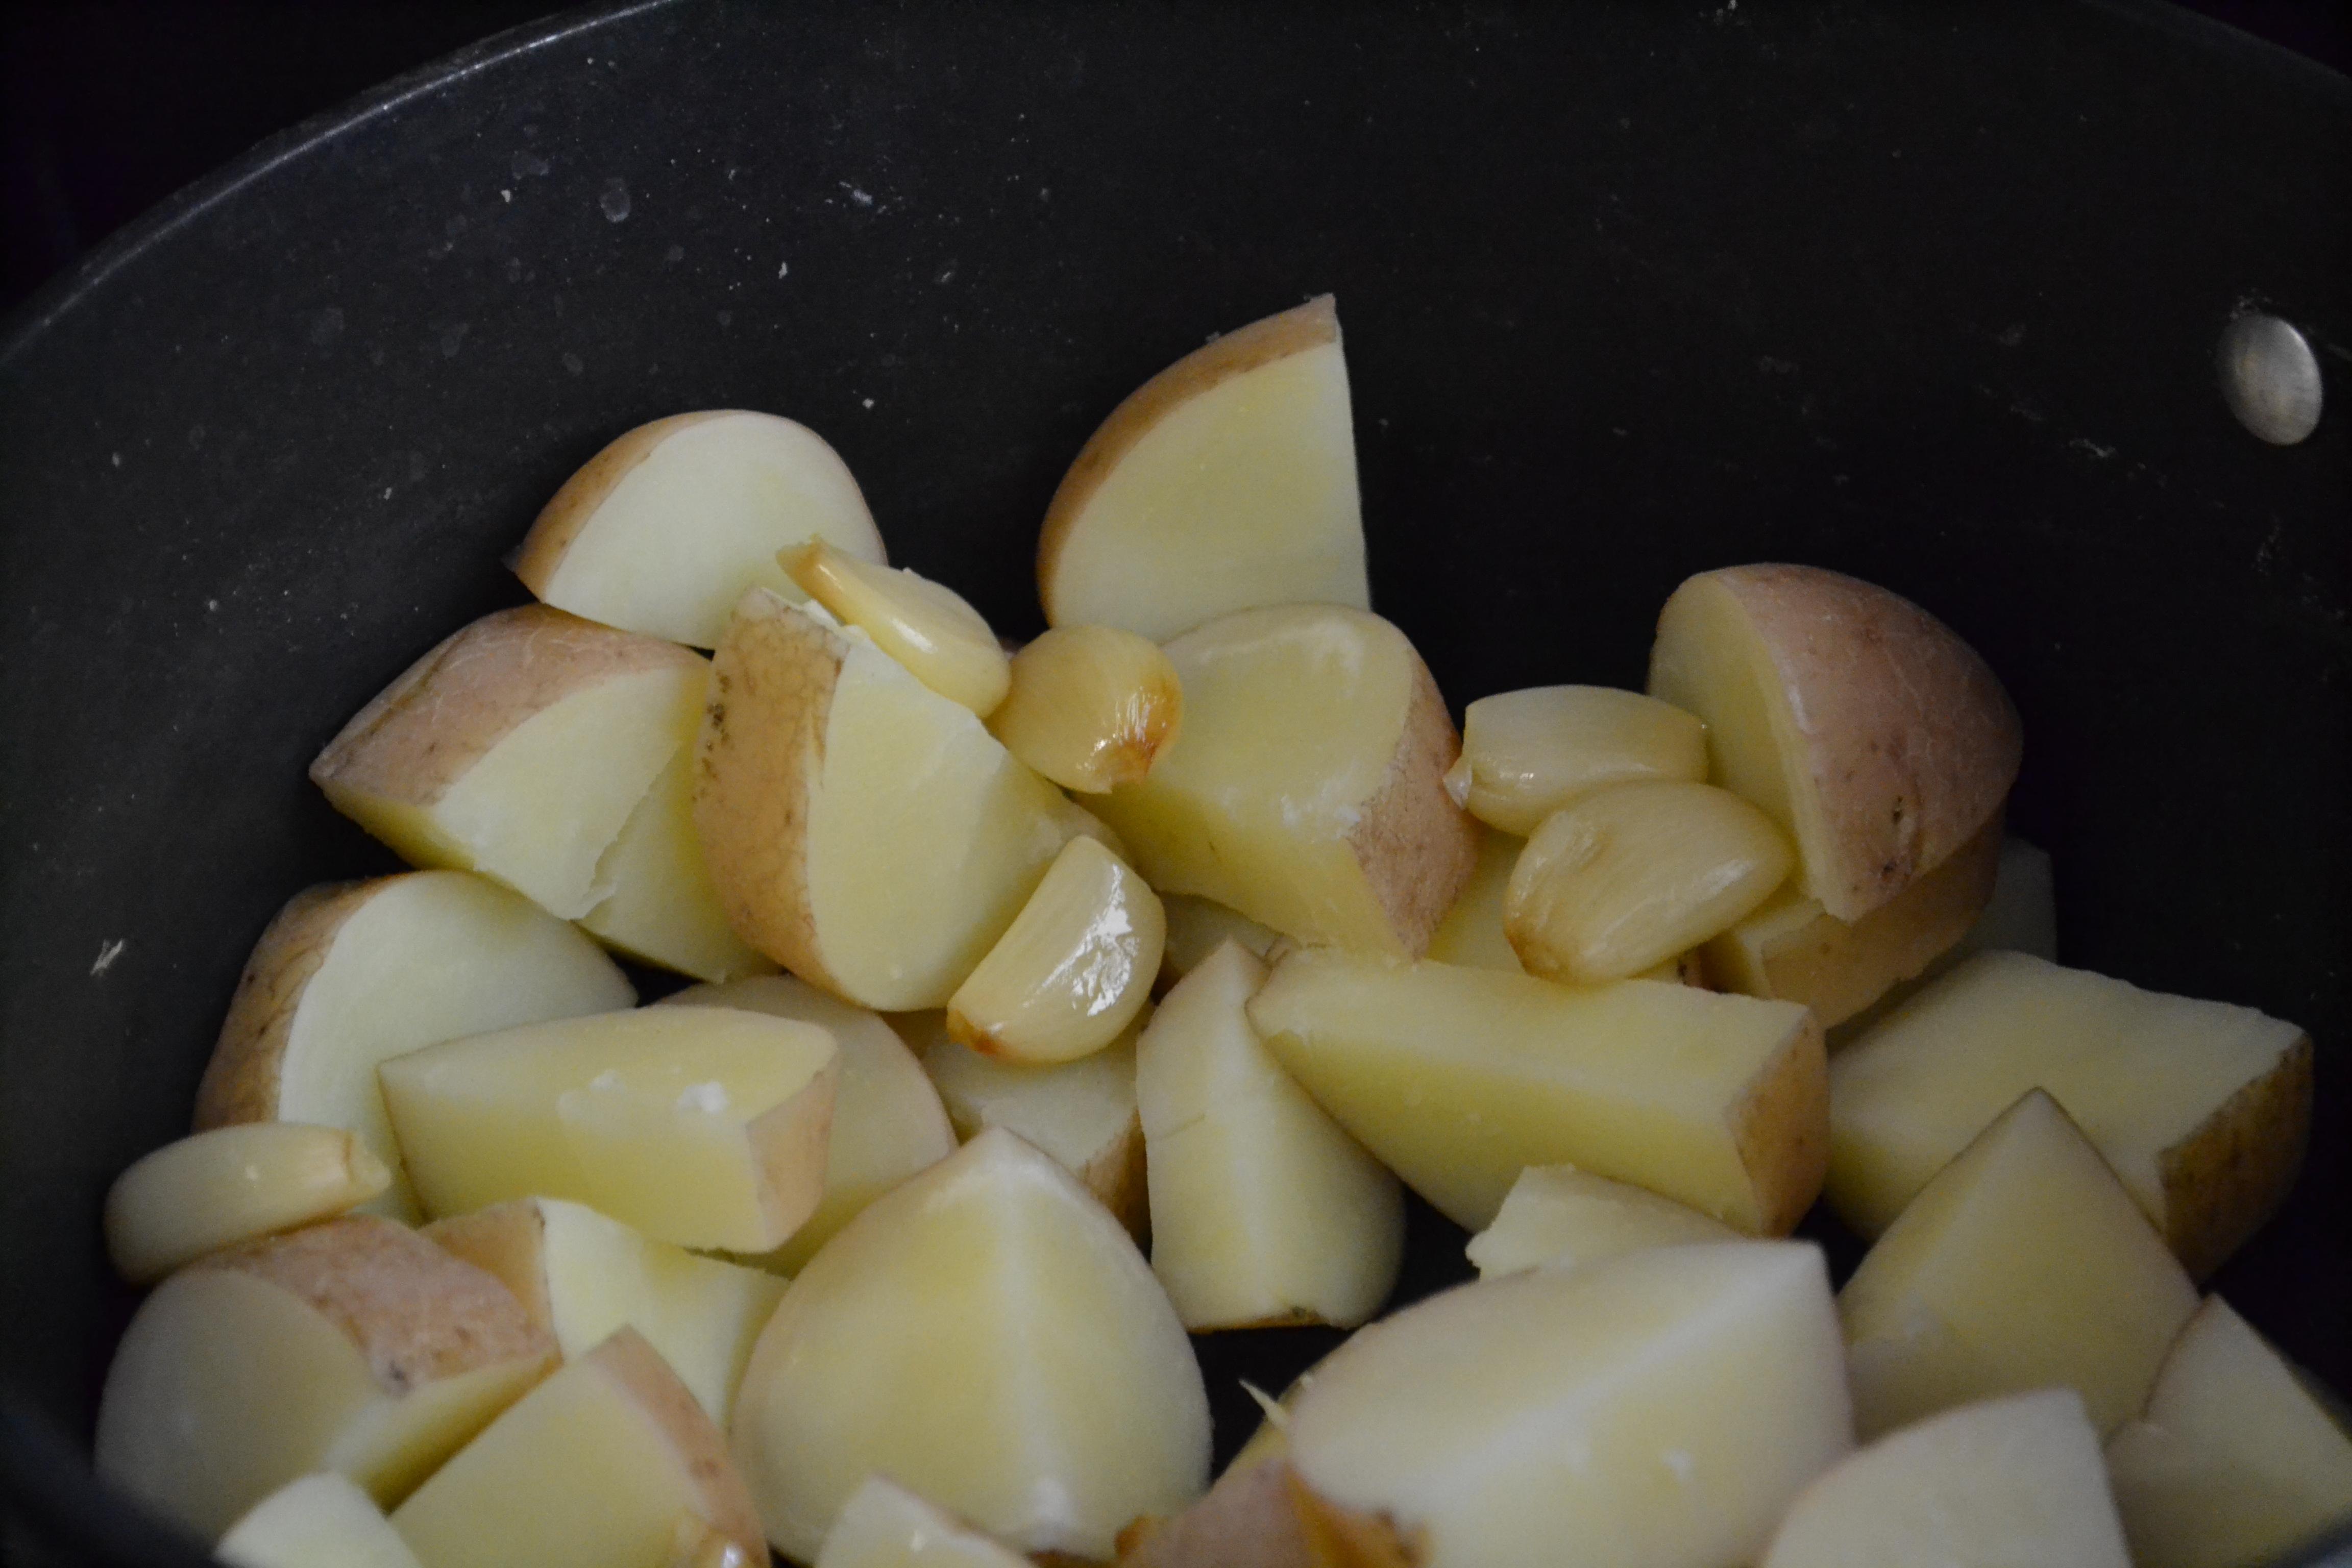 purÊ de batatas roxas